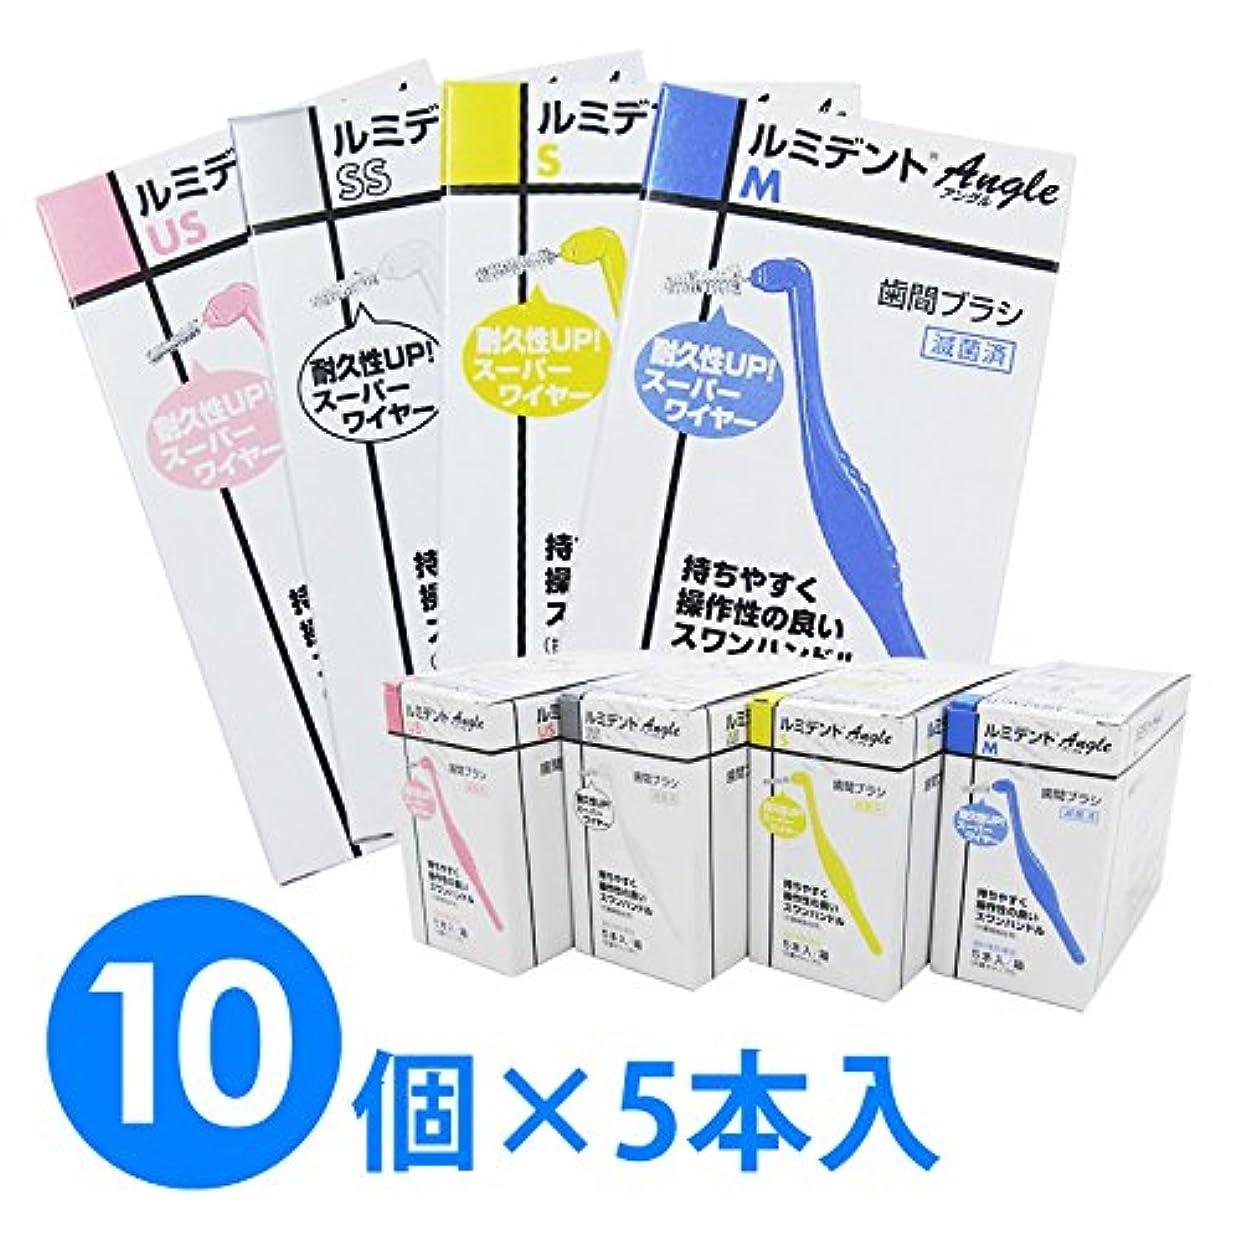 暫定無一文抵当【10個1箱】ヘレウス ルミデント アングル 歯間ブラシ 5本入り×10個 (M ブルー)